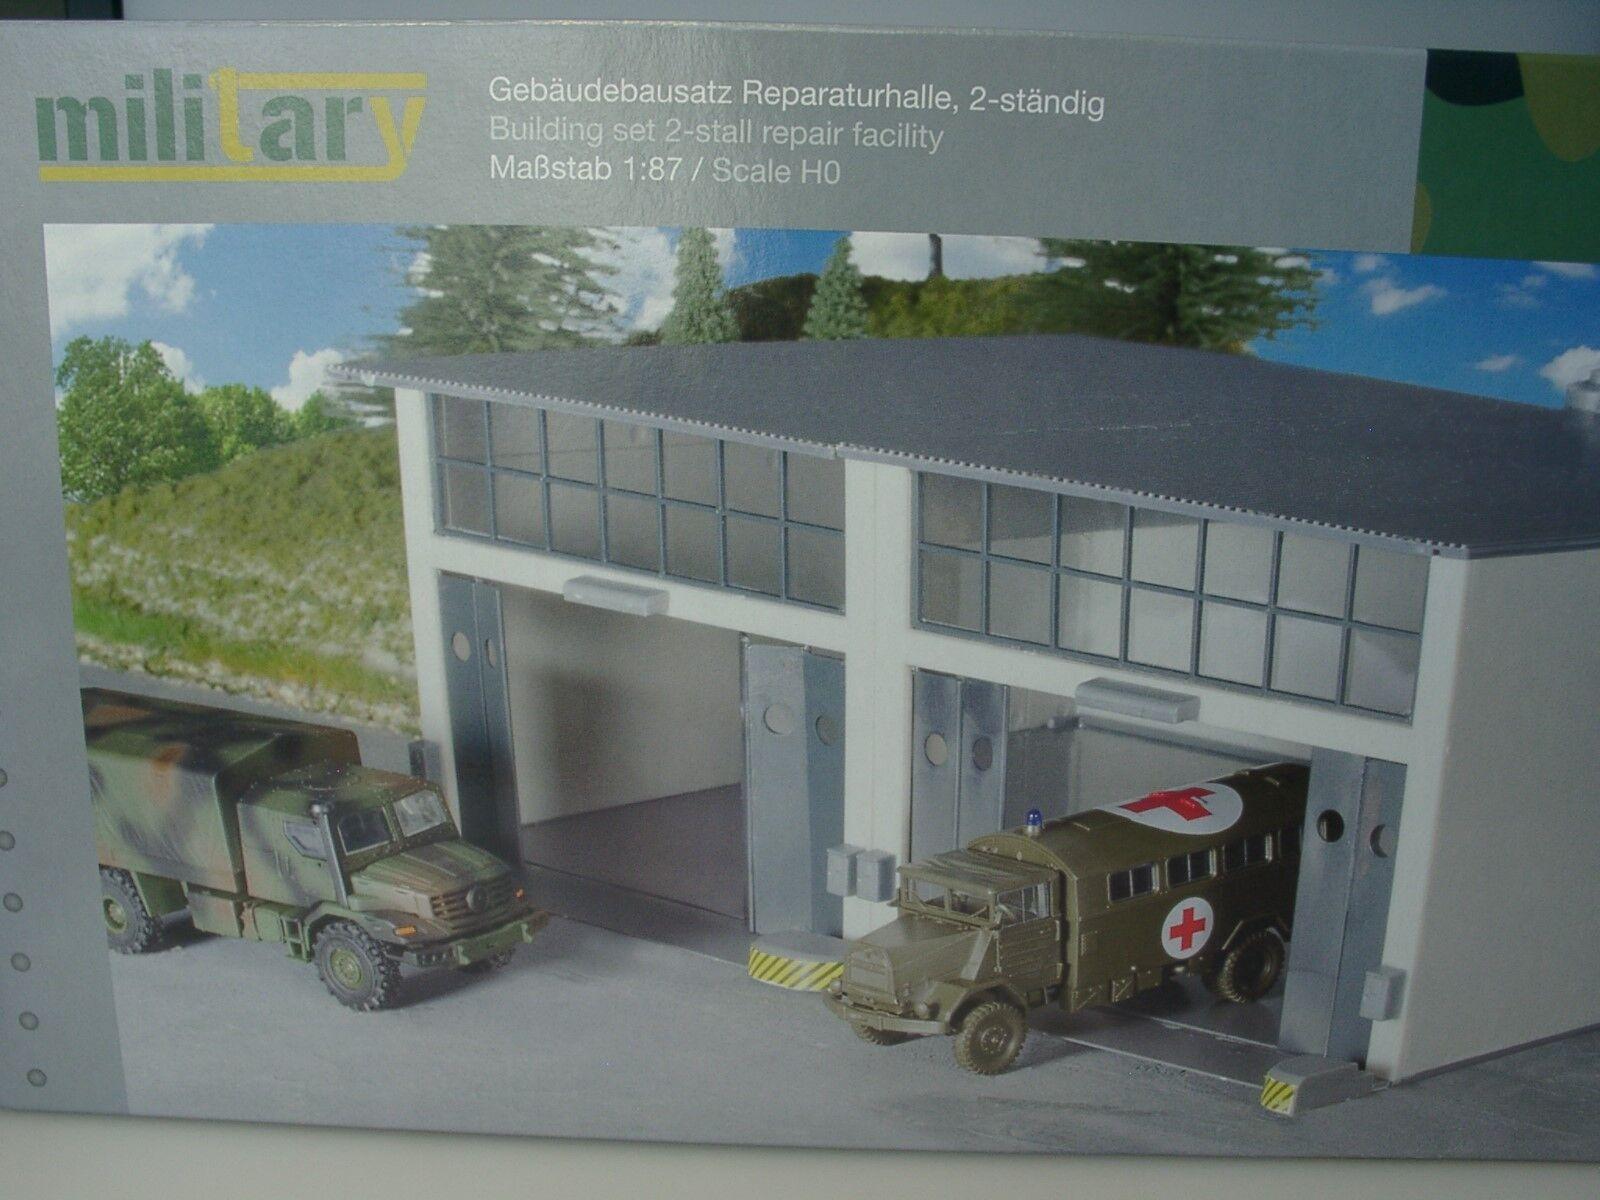 Herpa Military bâtiment Kit de réparation Halle, 2-tout le temps - 745857 - 1 87